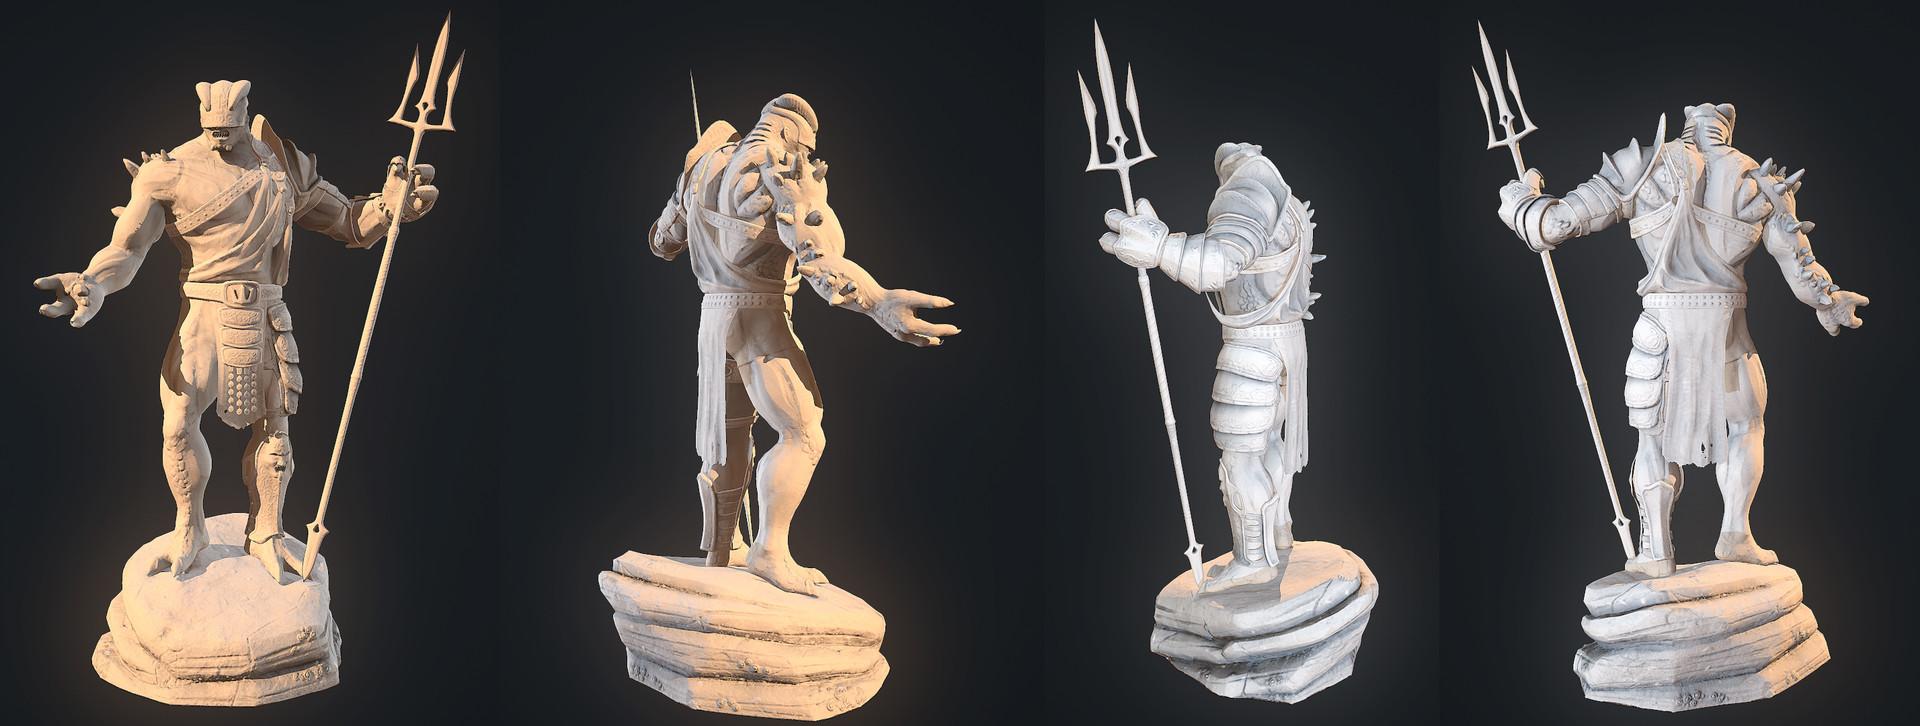 Kelvin liew sculpt turnaround